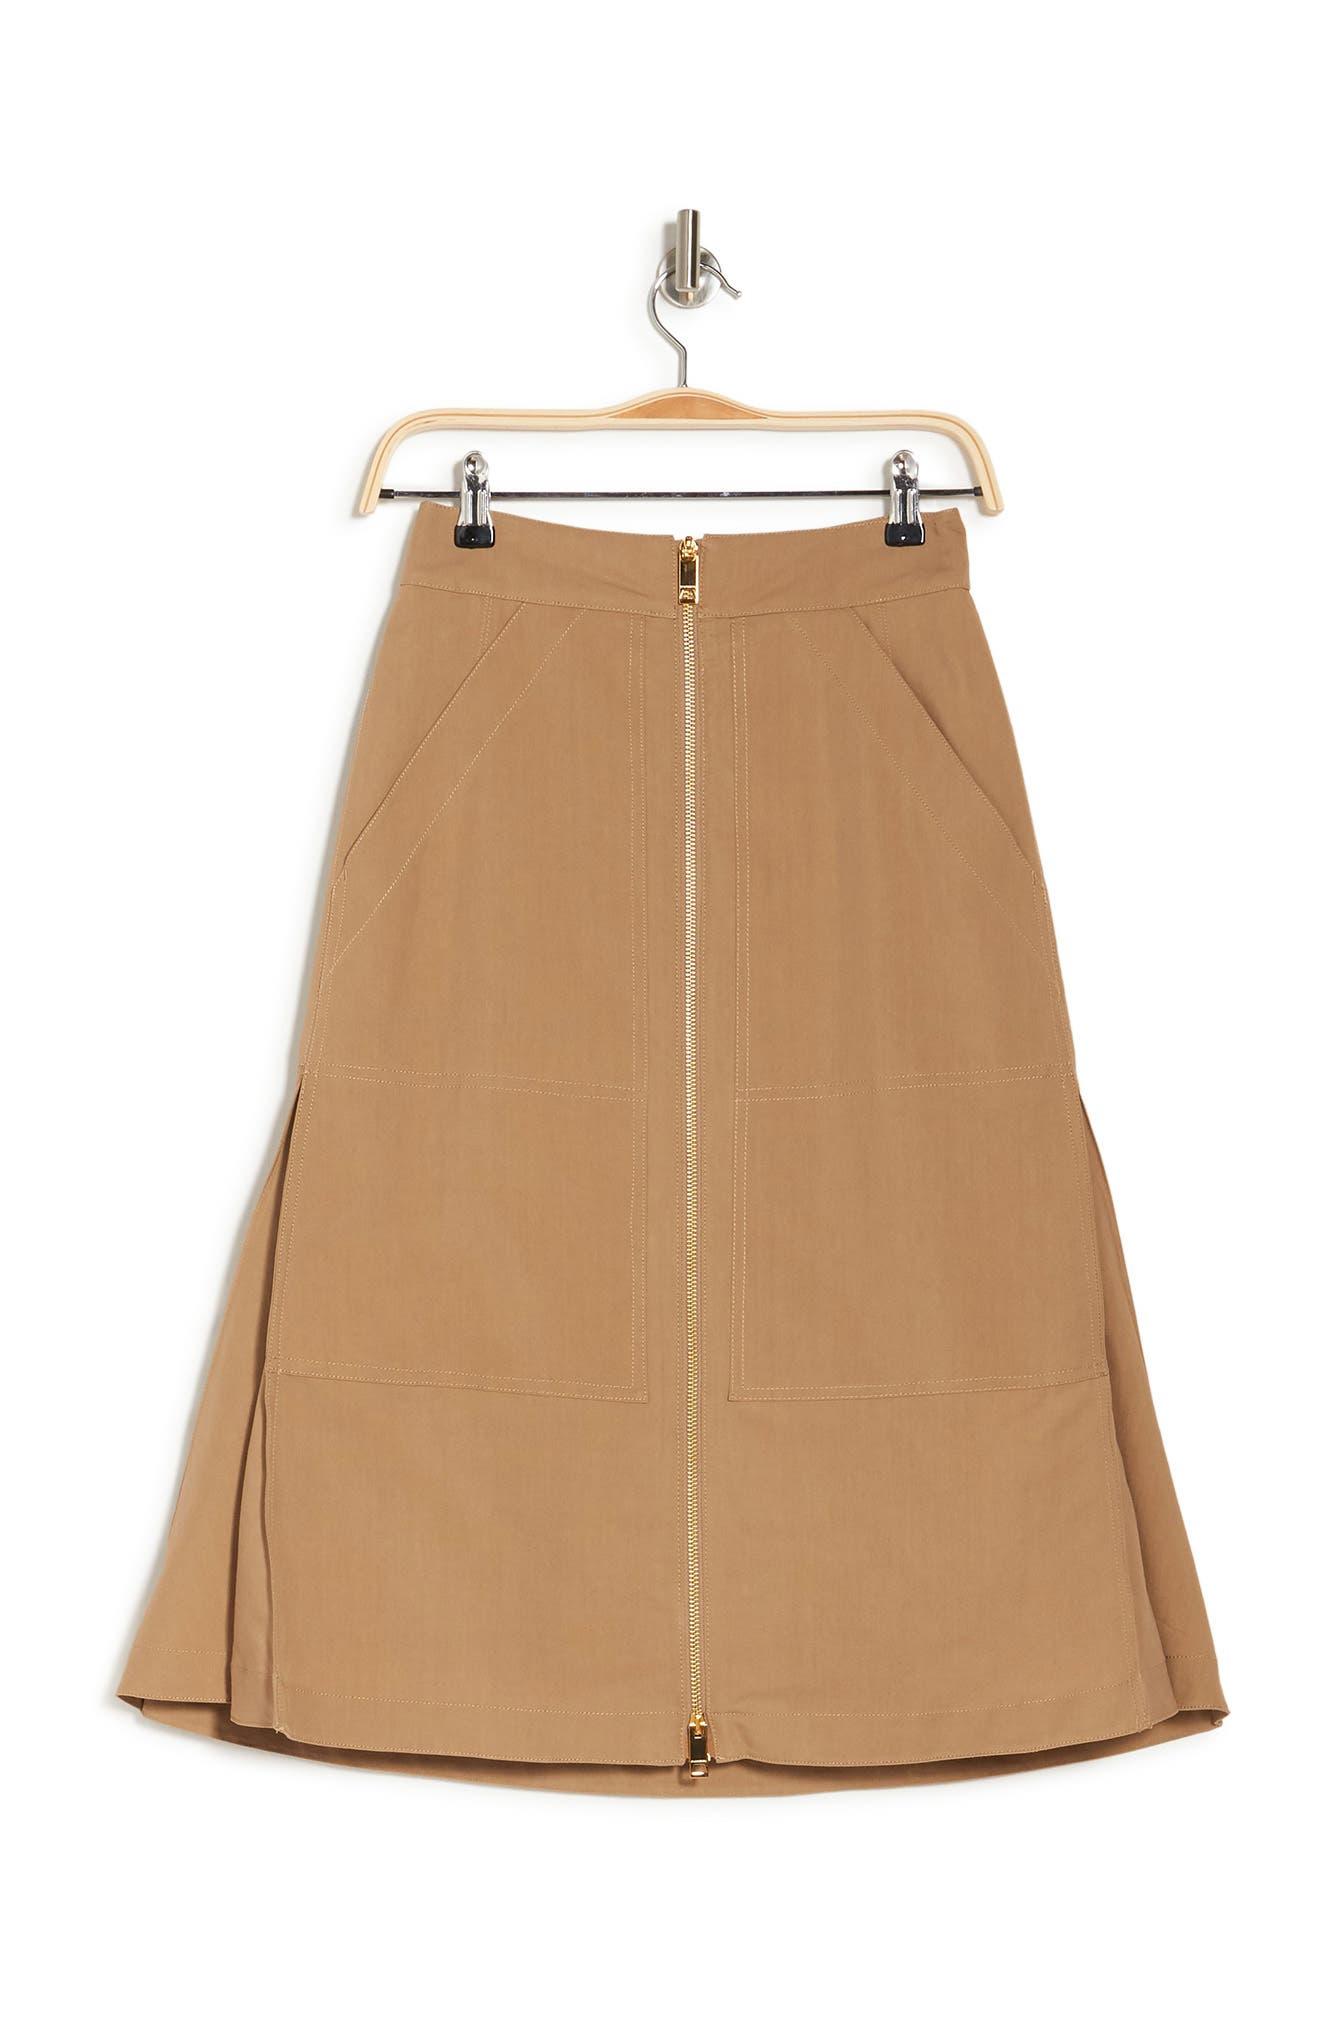 Image of Burberry Front Zip Skirt